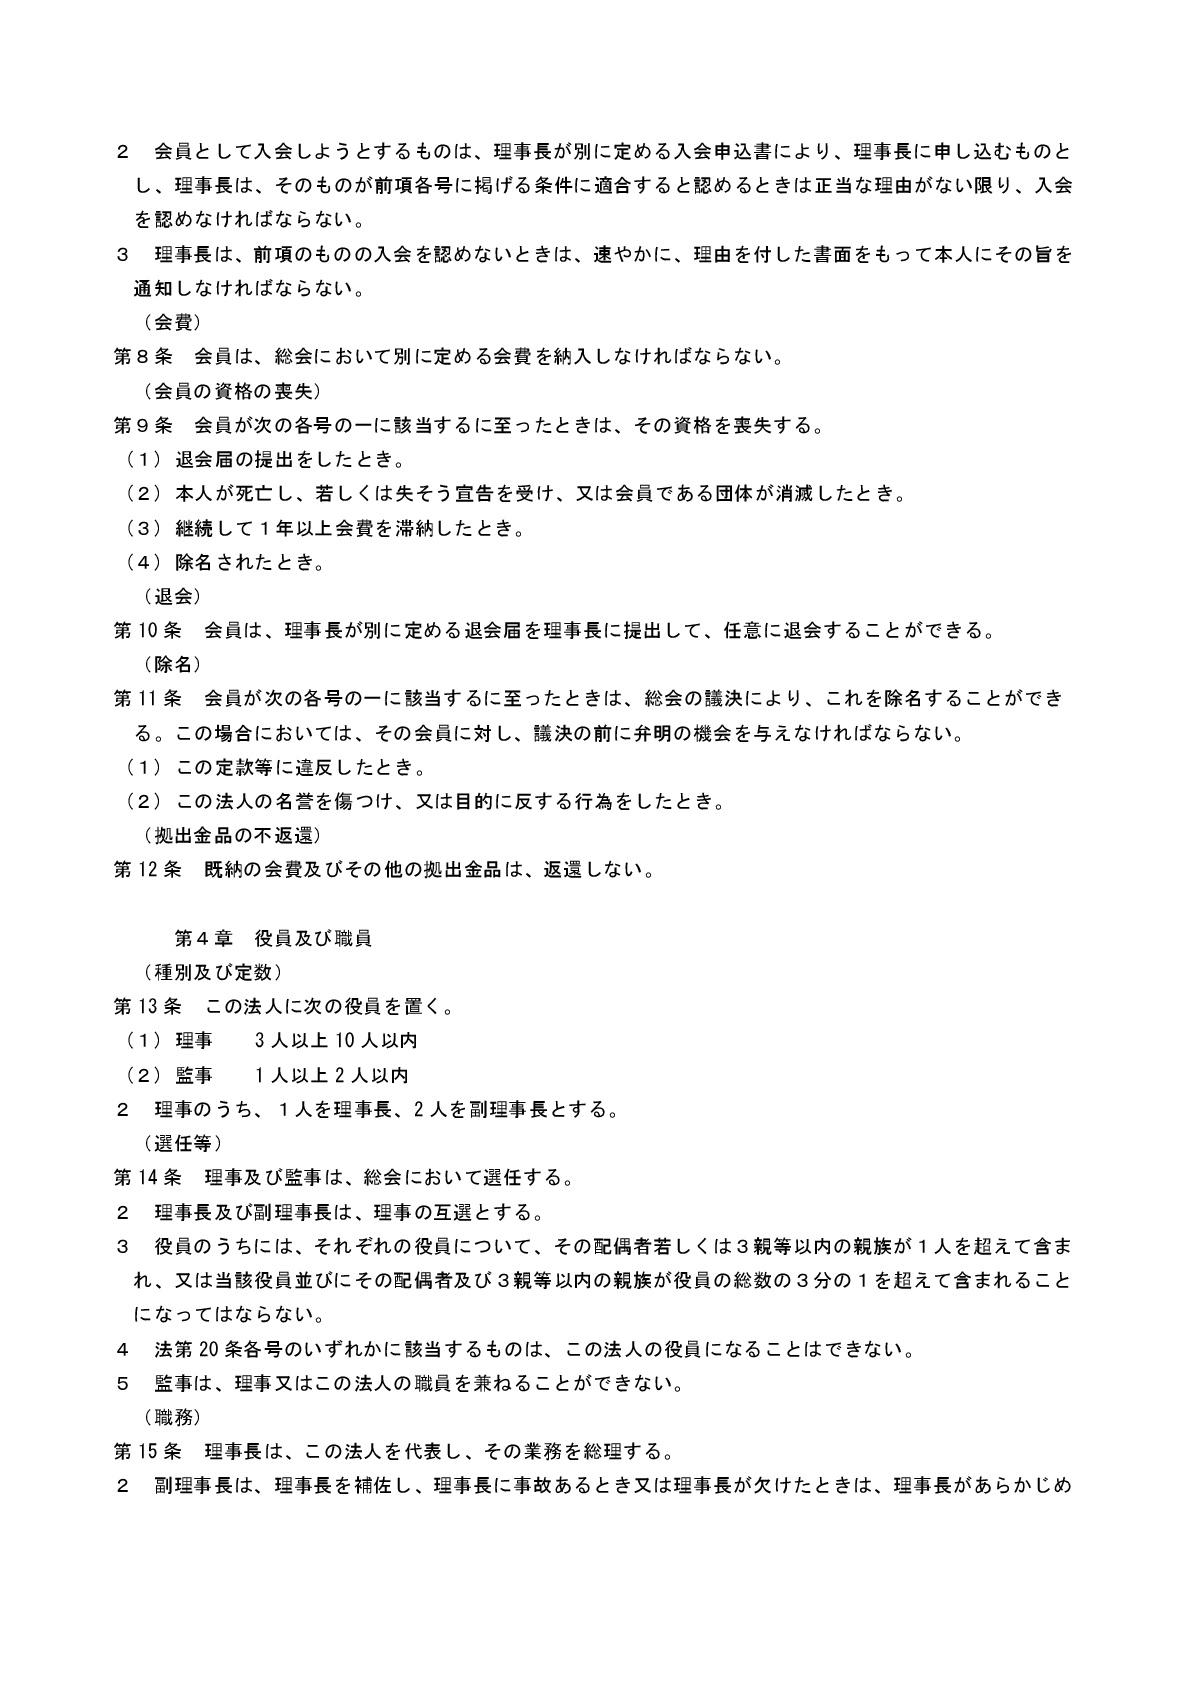 定款ページ2